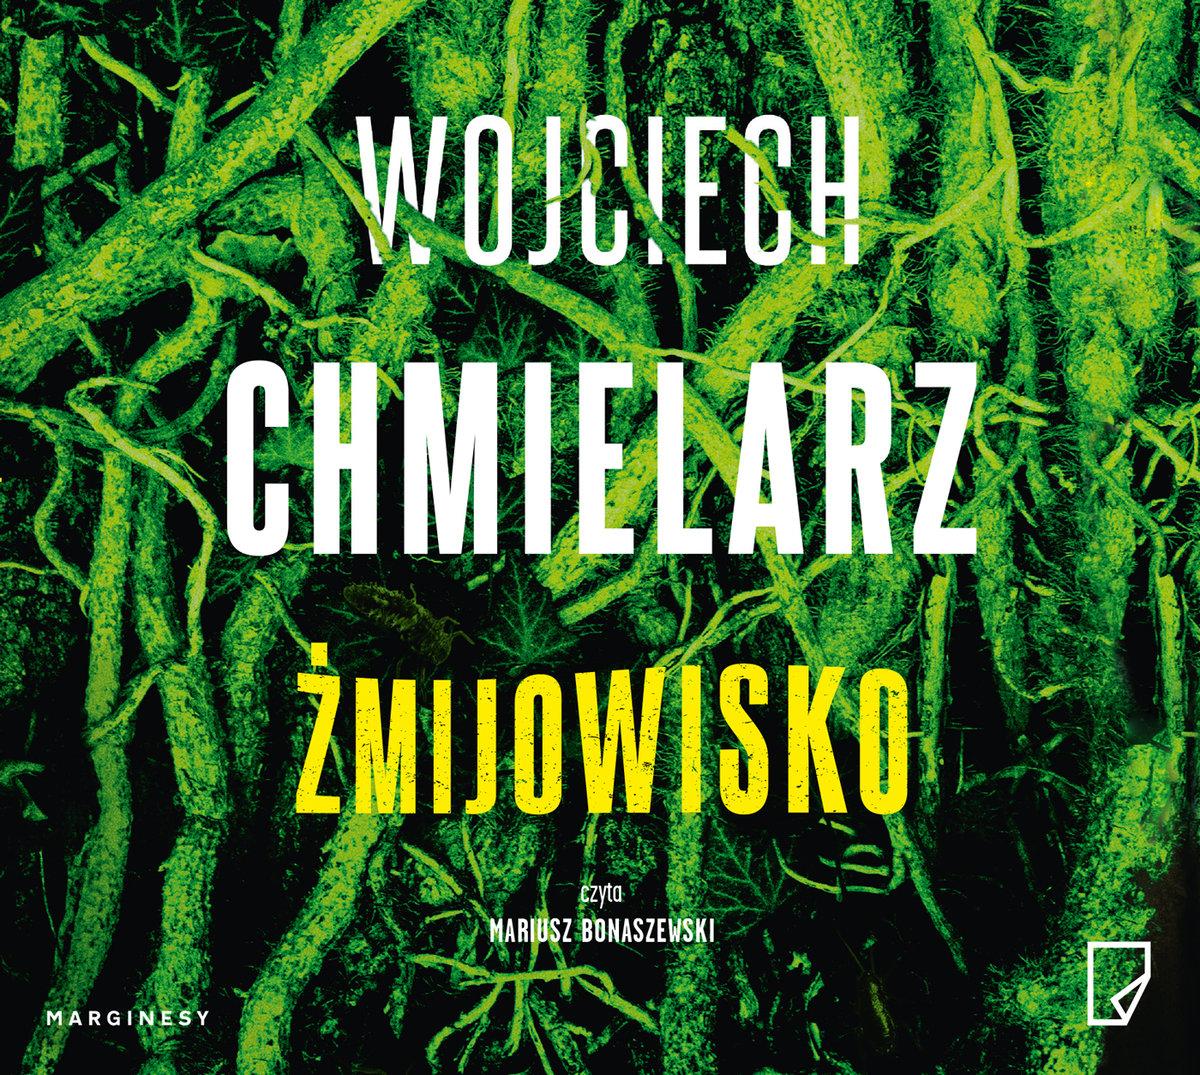 Chmielarz Wojciech – Żmijowisko